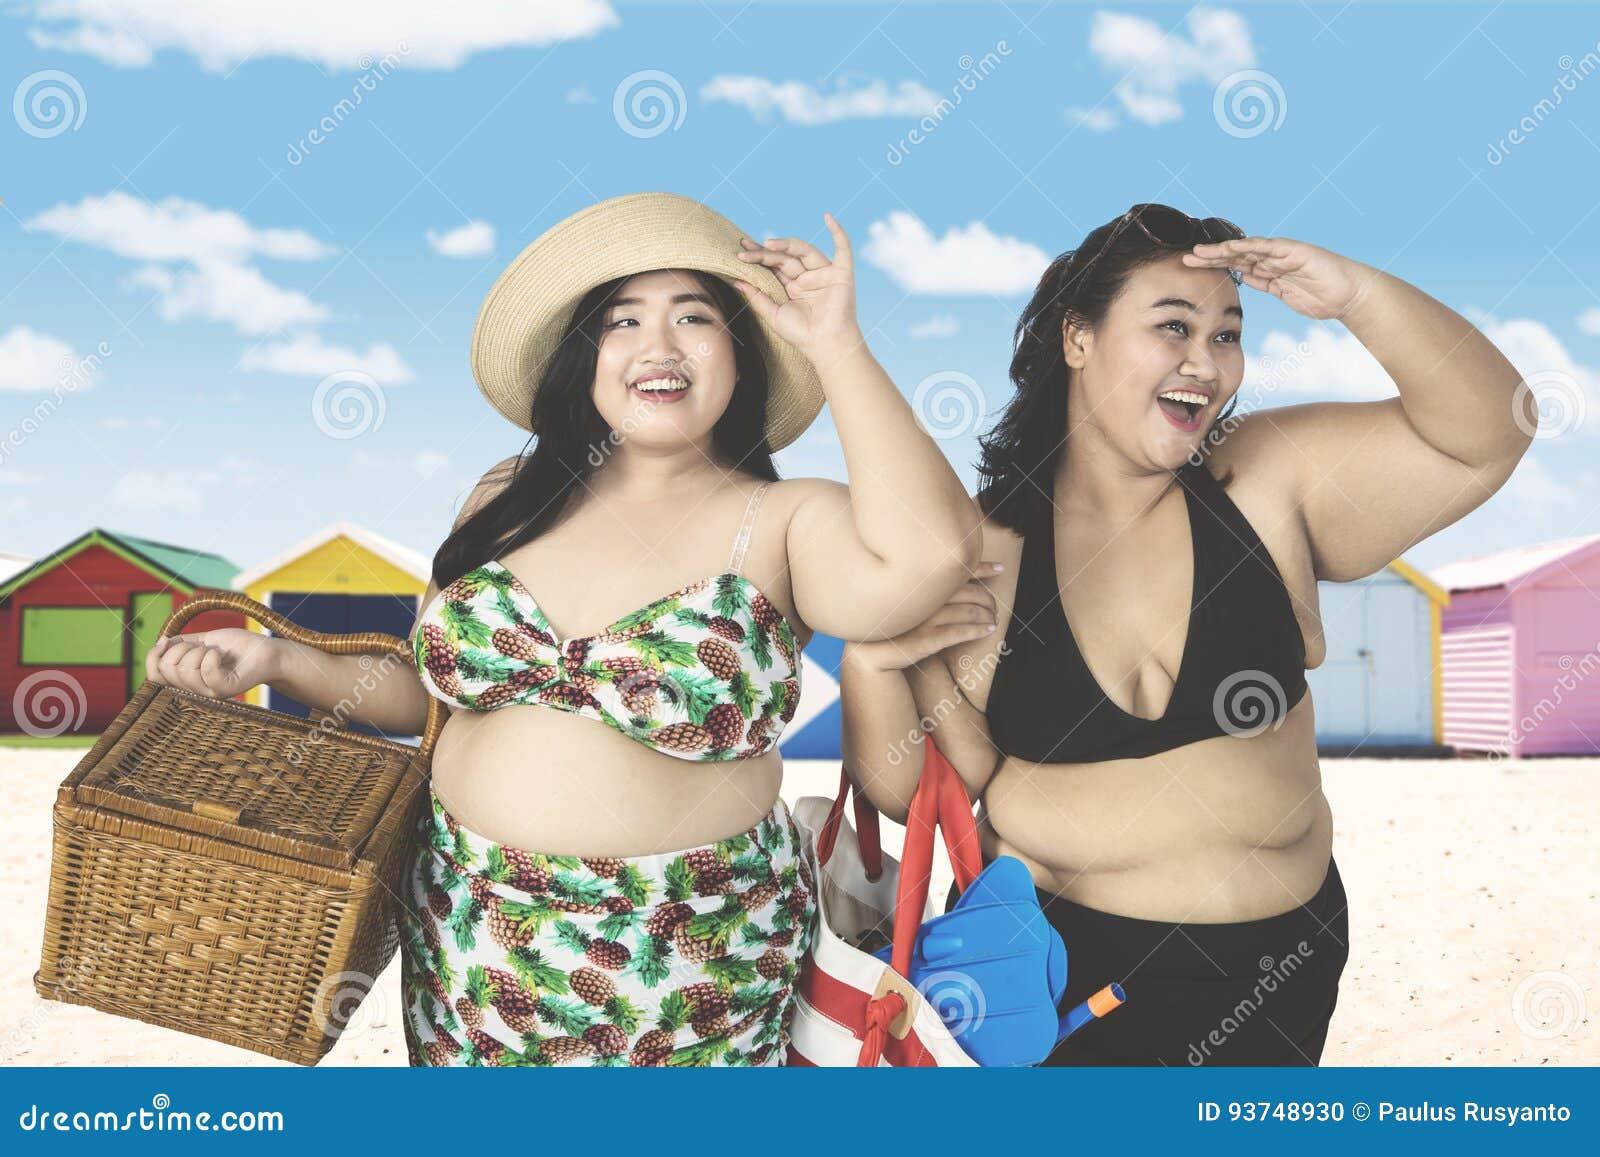 Free latino nude pic woman